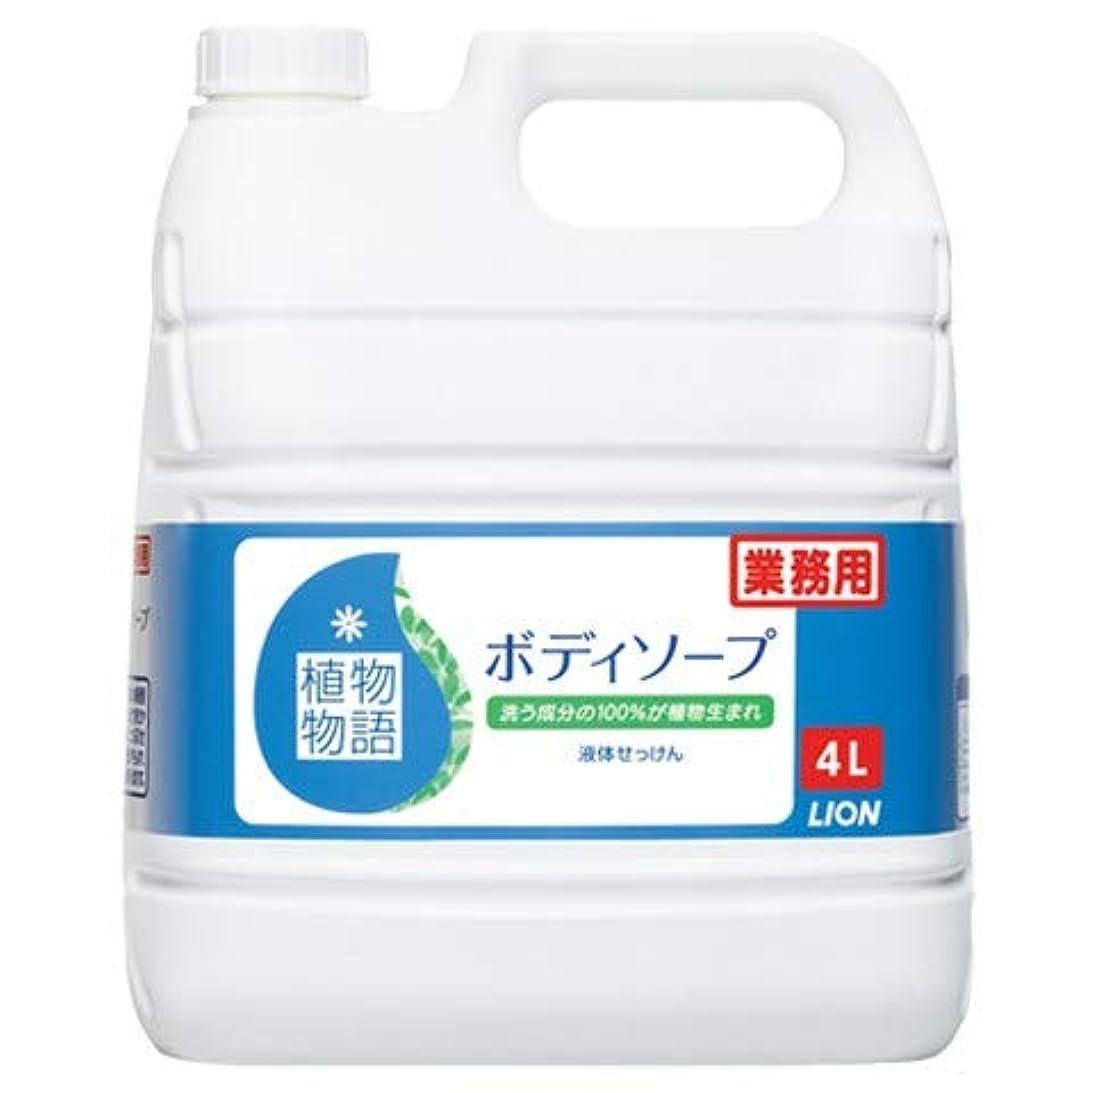 上昇絵ダニライオン 植物物語ボディソープ 業務用 4L